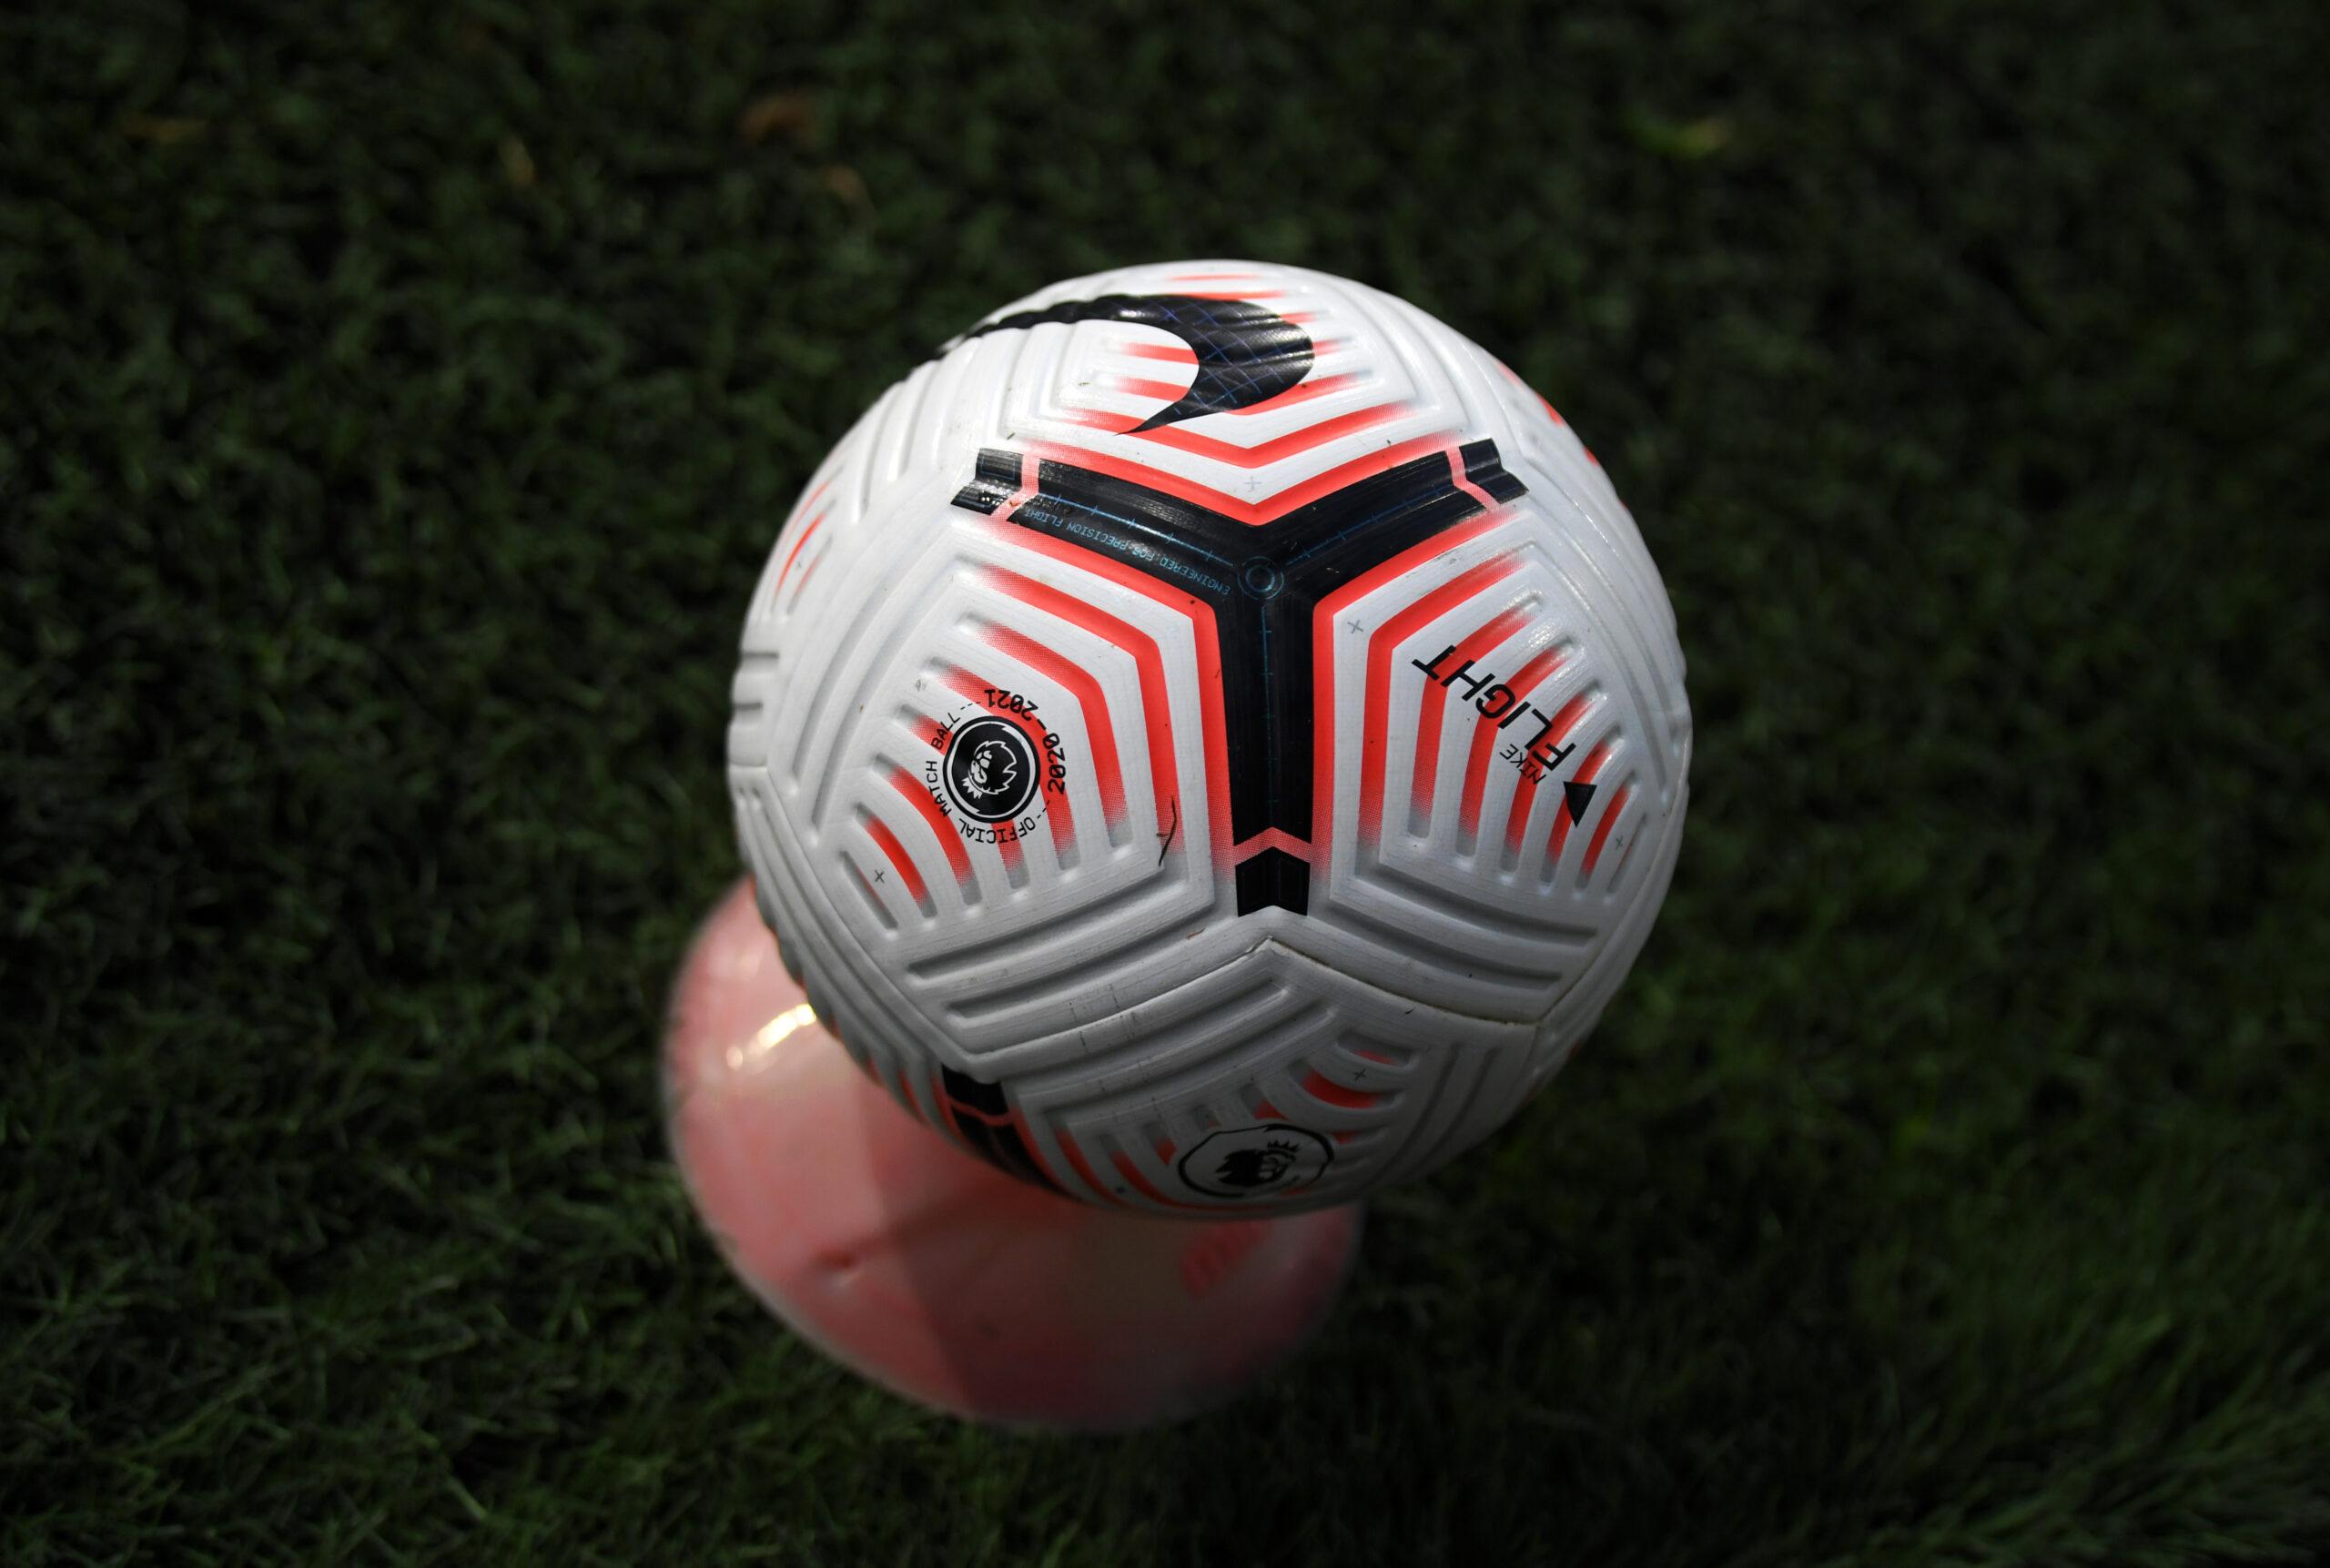 GALERIA: Así serán las camisetas del Atlético 2021-22